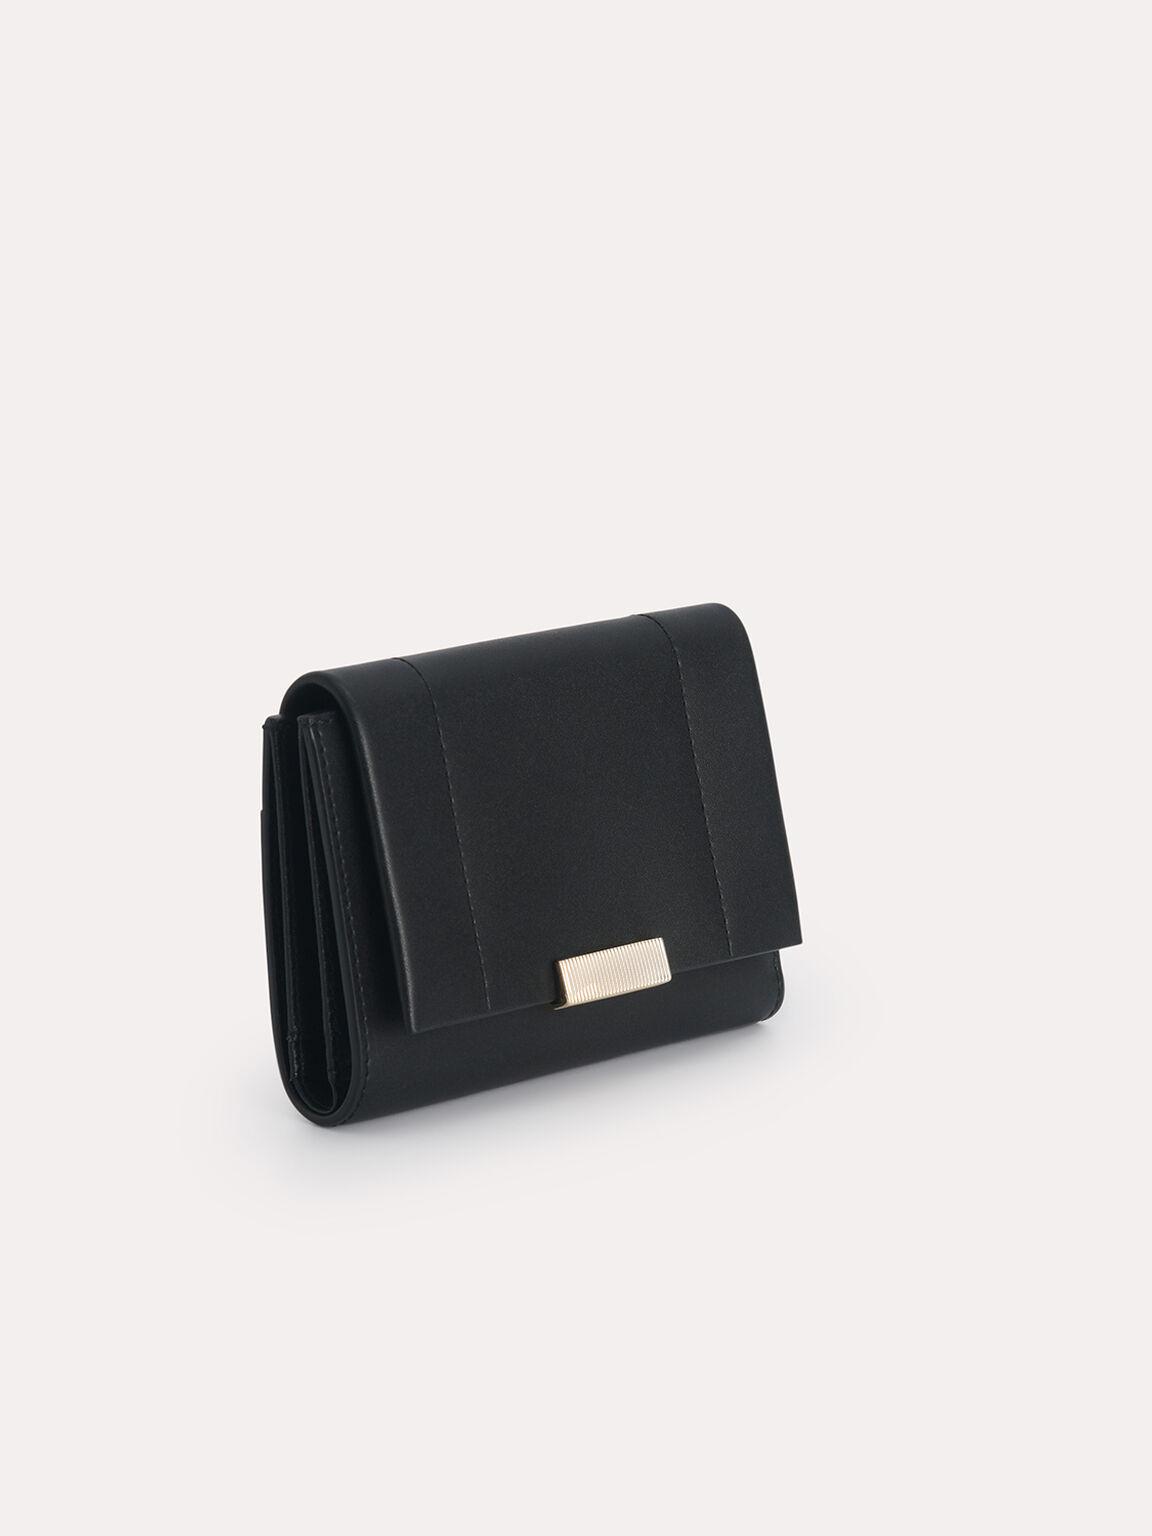 Leather Tri-Fold Wallet, Black, hi-res